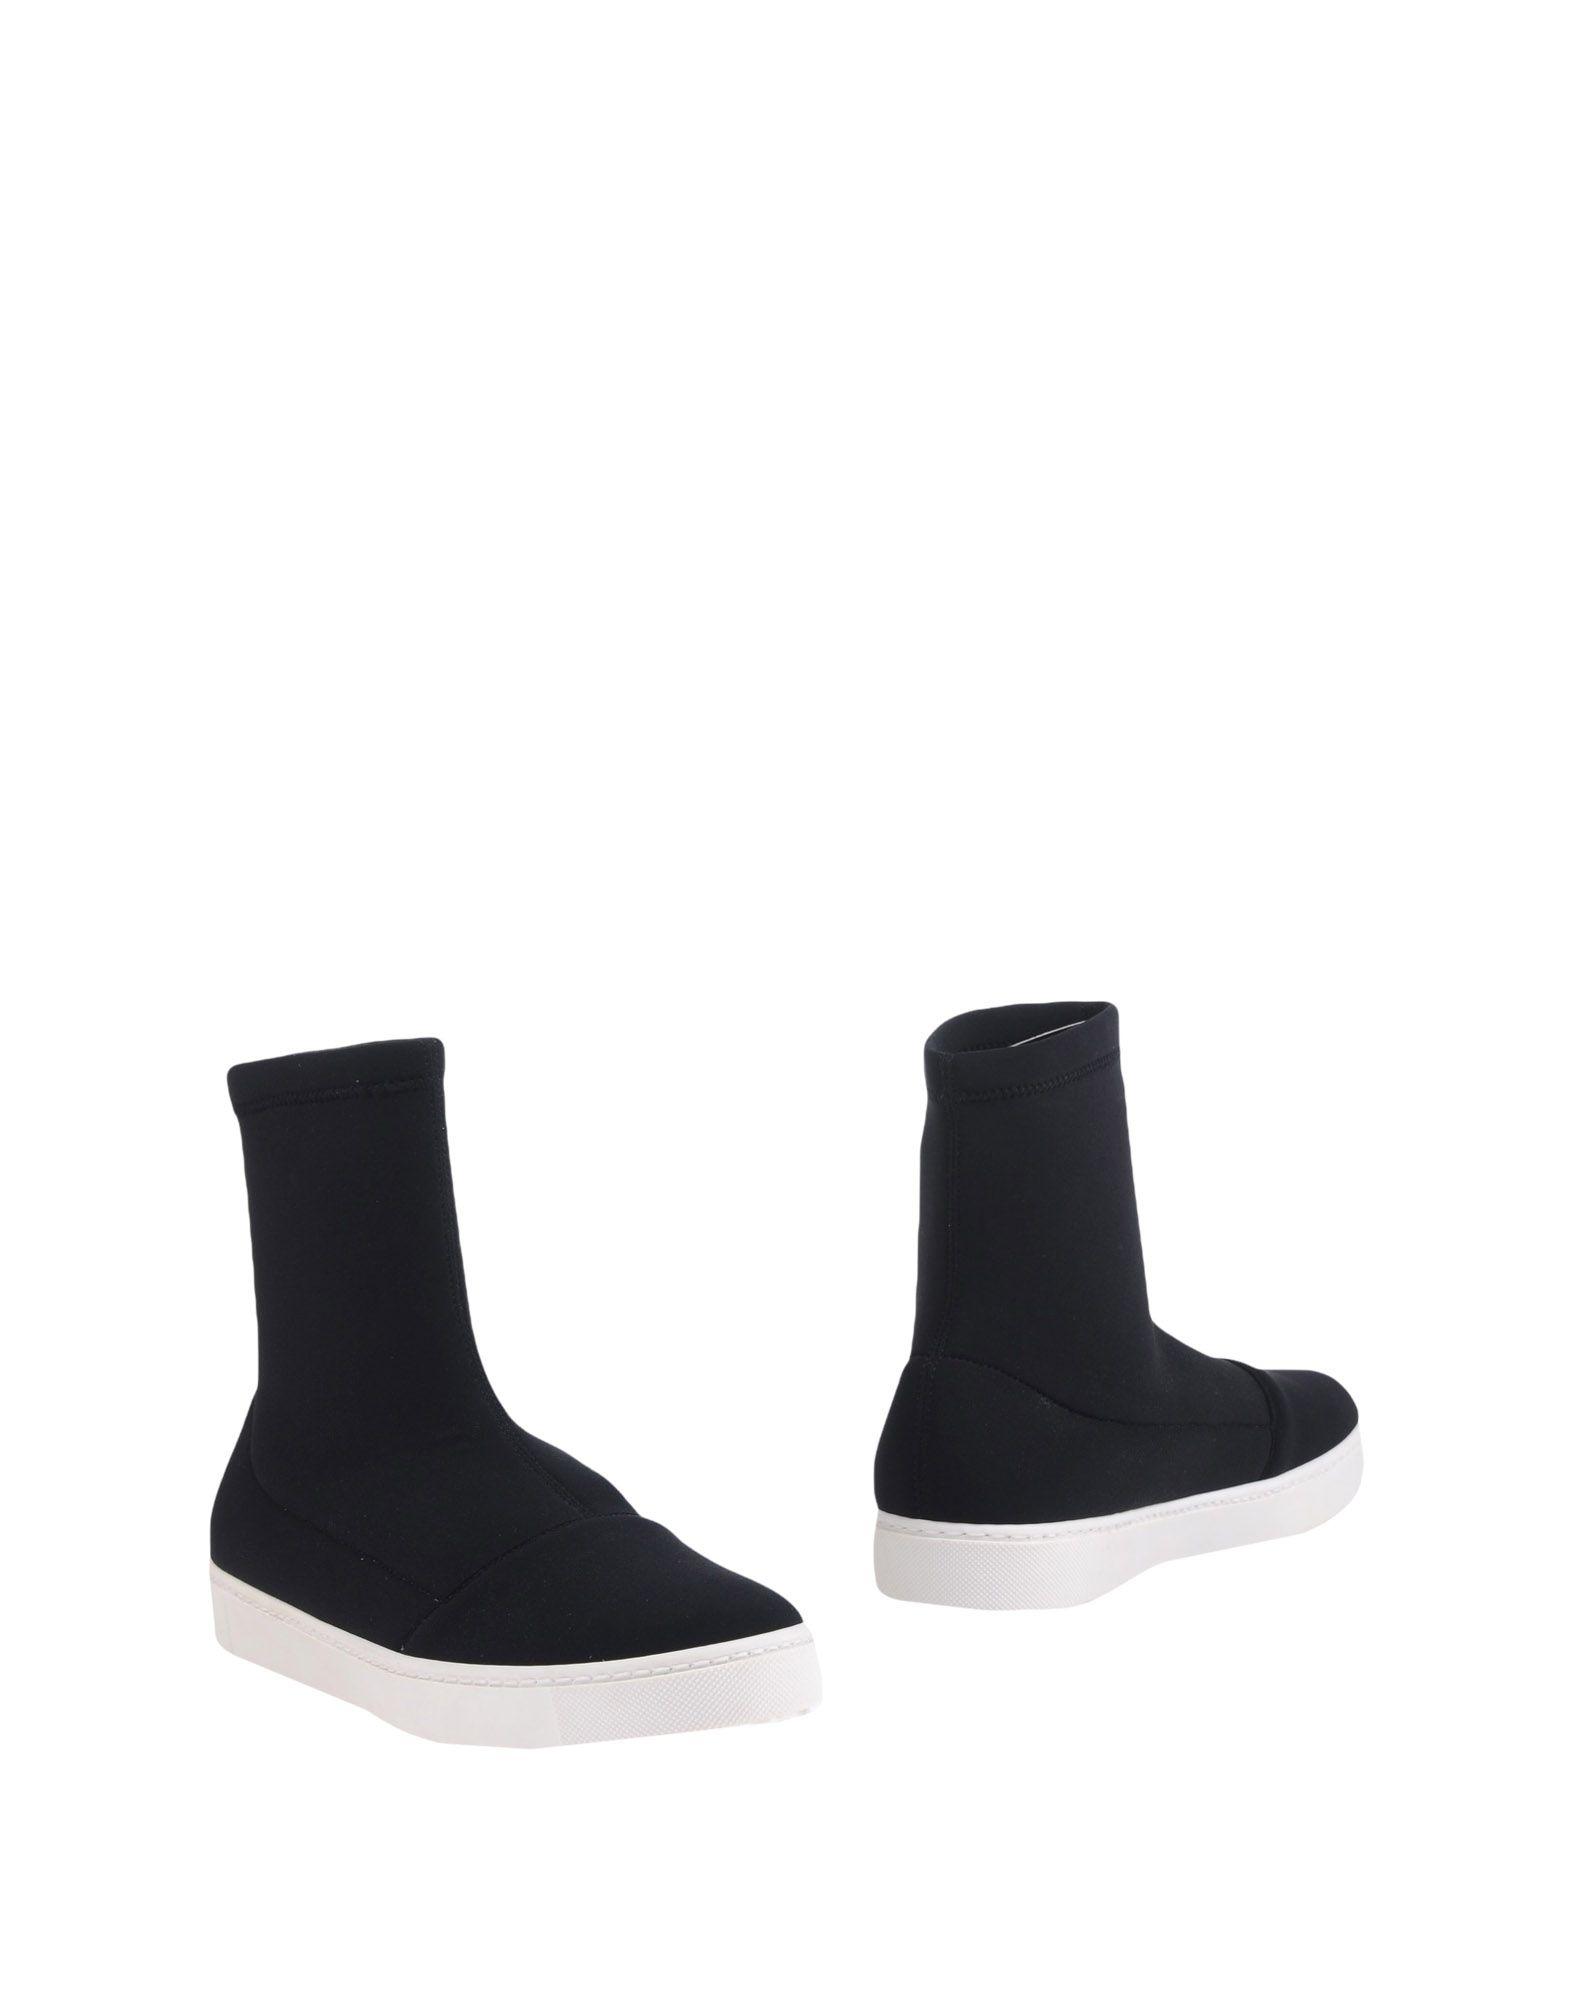 ZIZI by FLORSHEIM Полусапоги и высокие ботинки si by sinela полусапоги и высокие ботинки